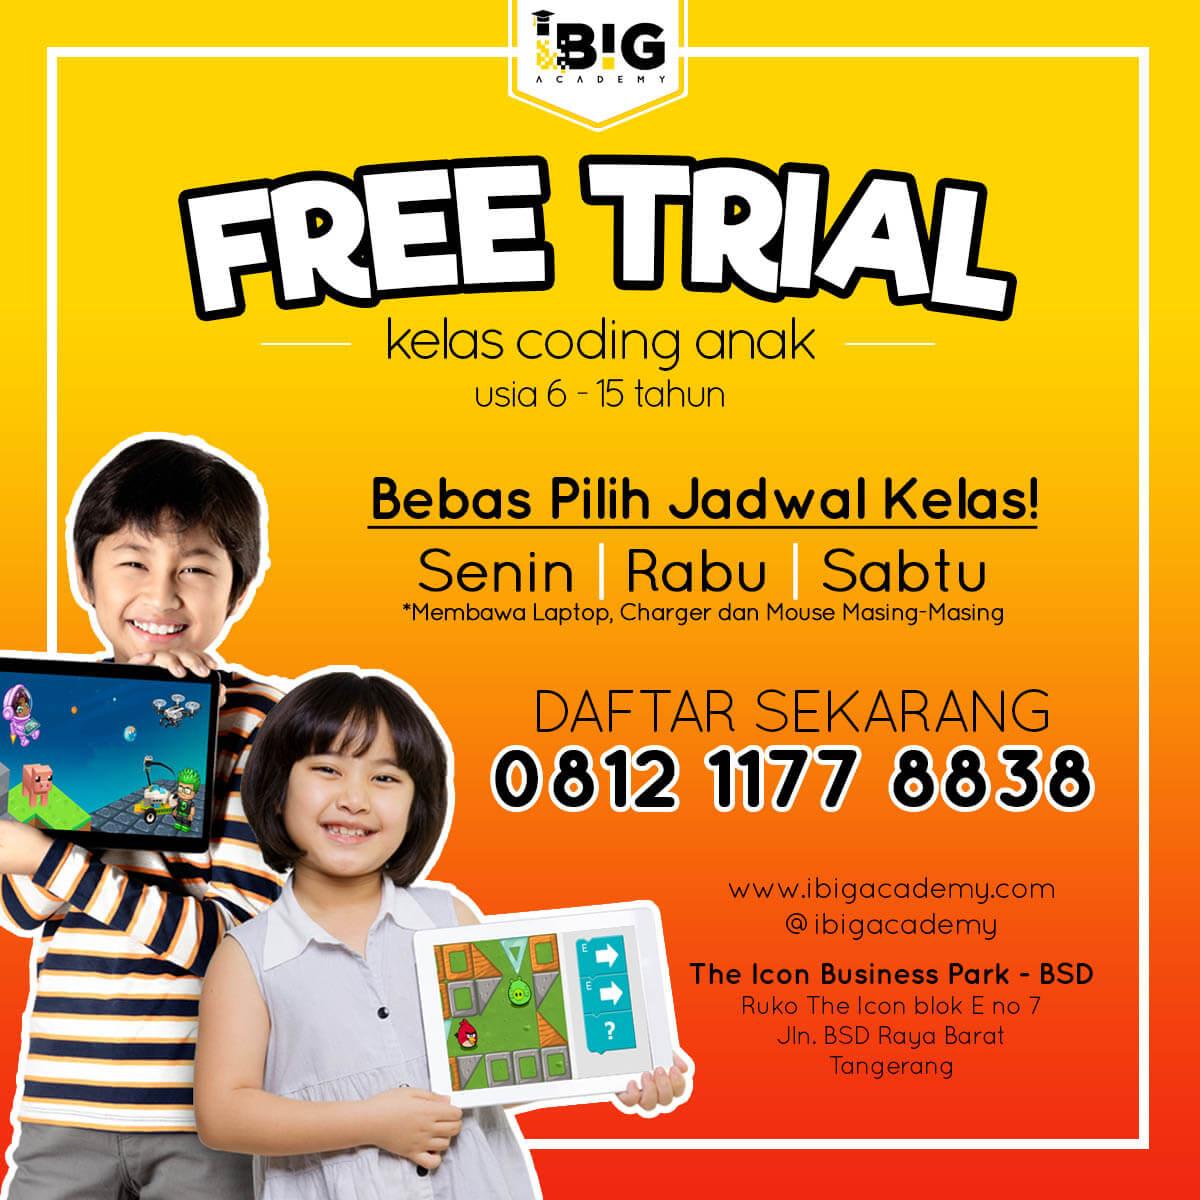 Kelas Free Trial